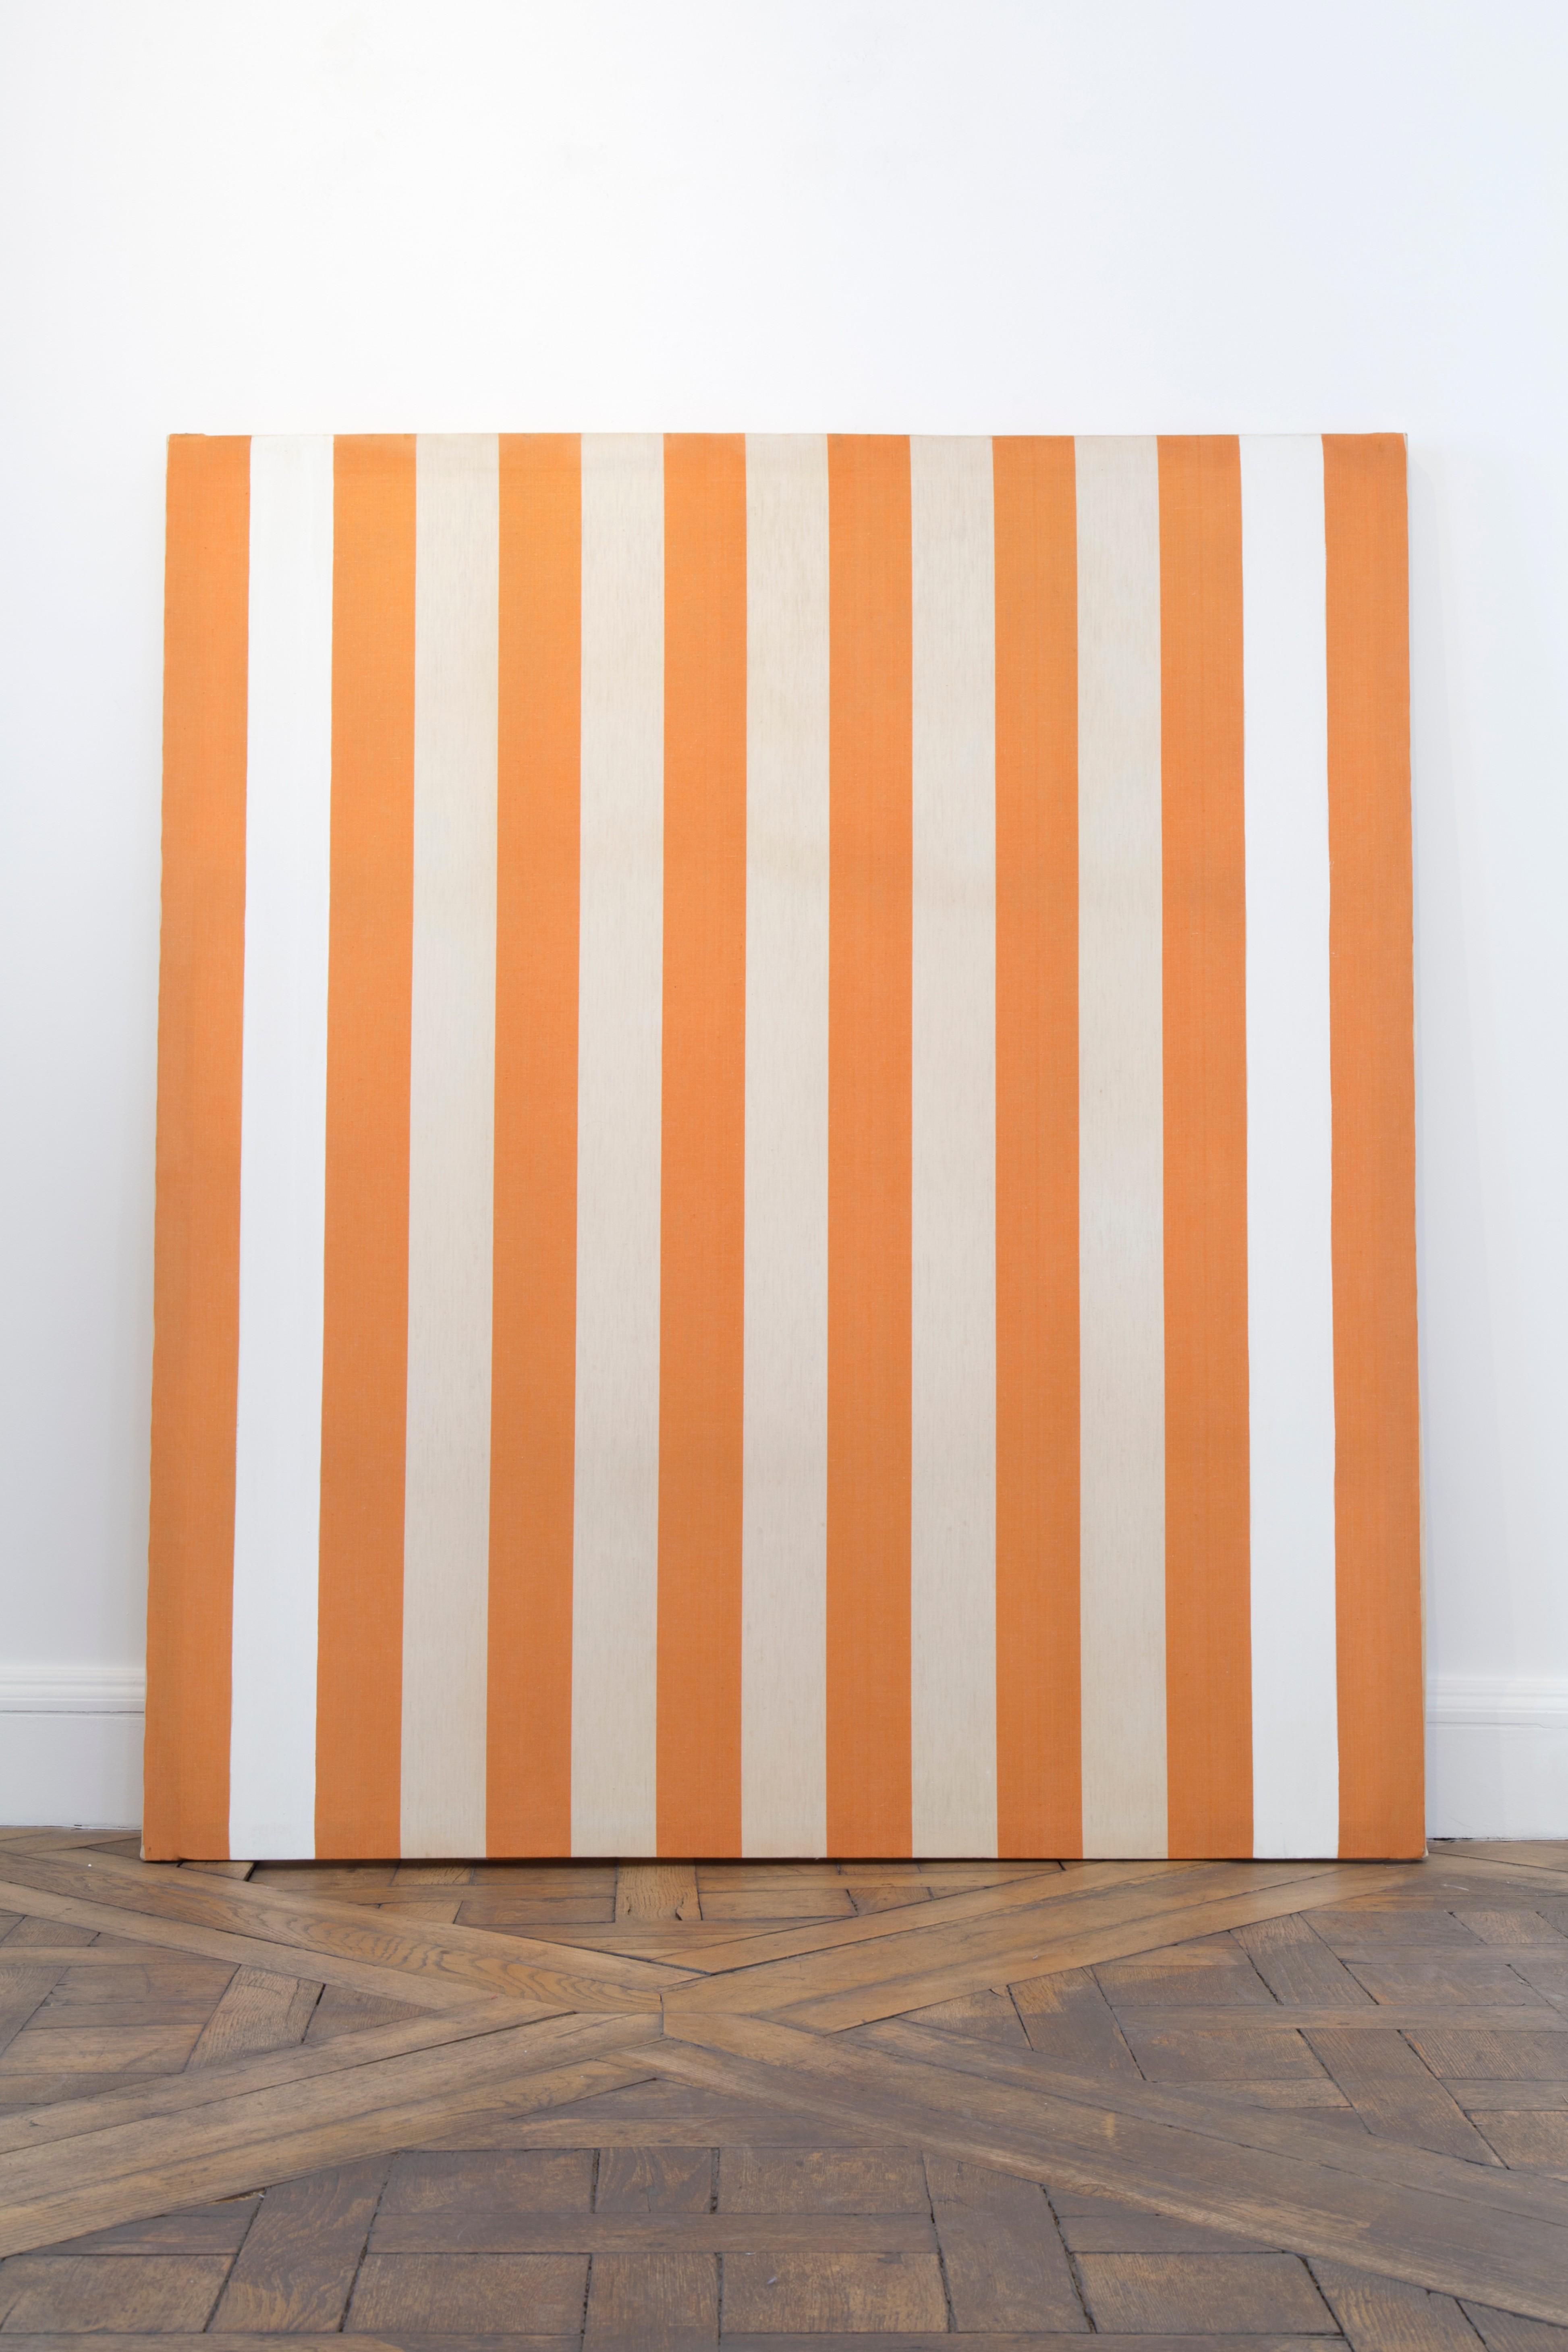 Daniel Buren Peinture Acrylique Blanche Sur Tissu Rayé Orange Et